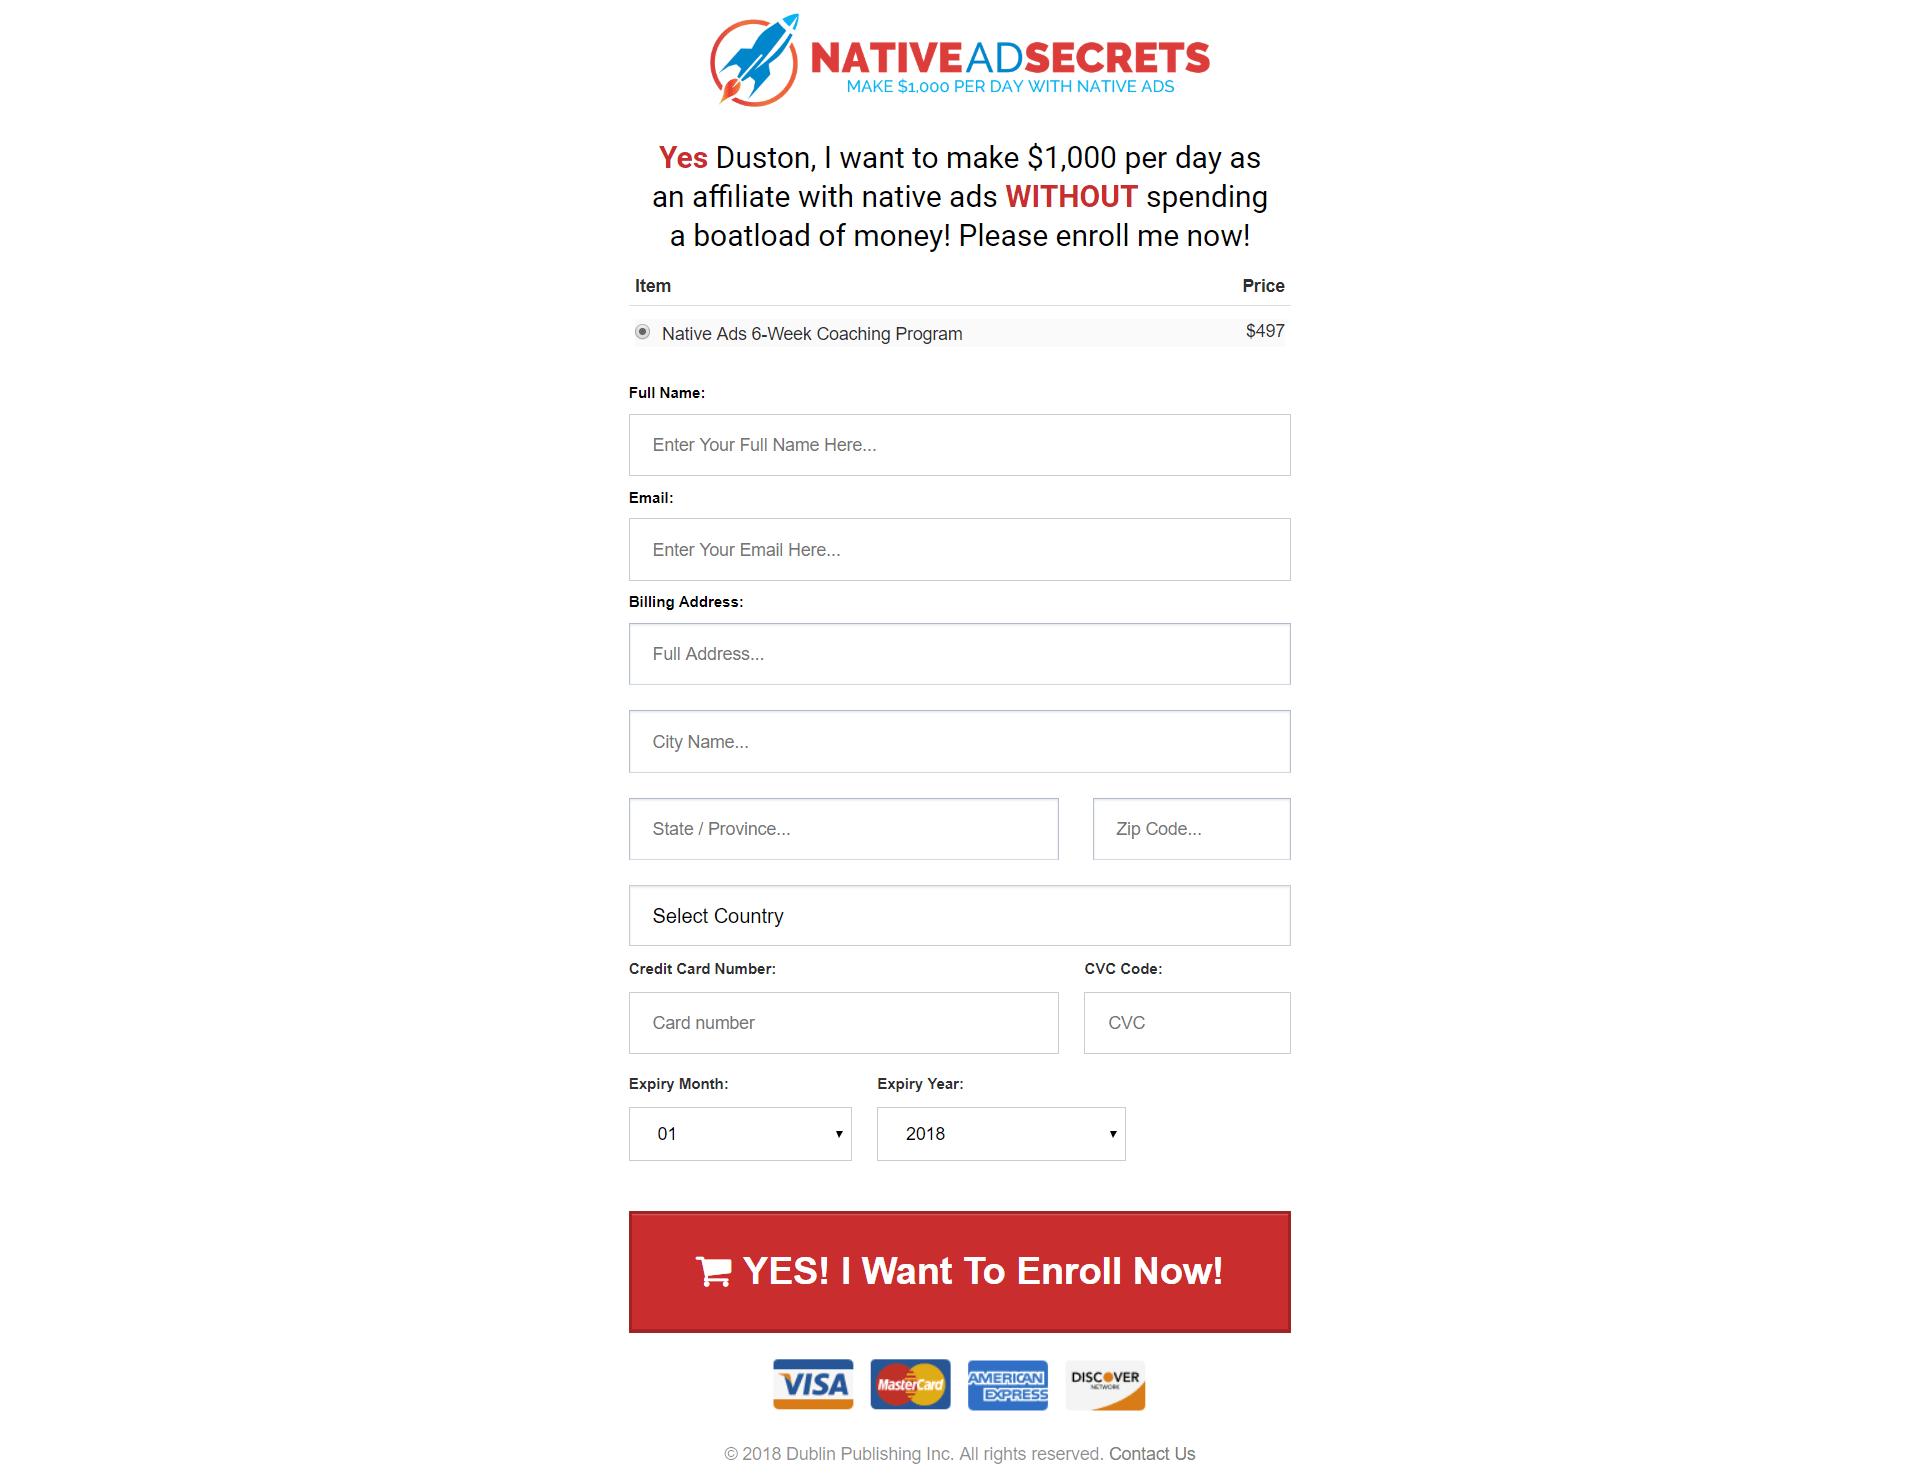 你愿意每天通过原生广告赚00美元而不花很多钱吗?(Native Ads 6-Week Coaching Program)